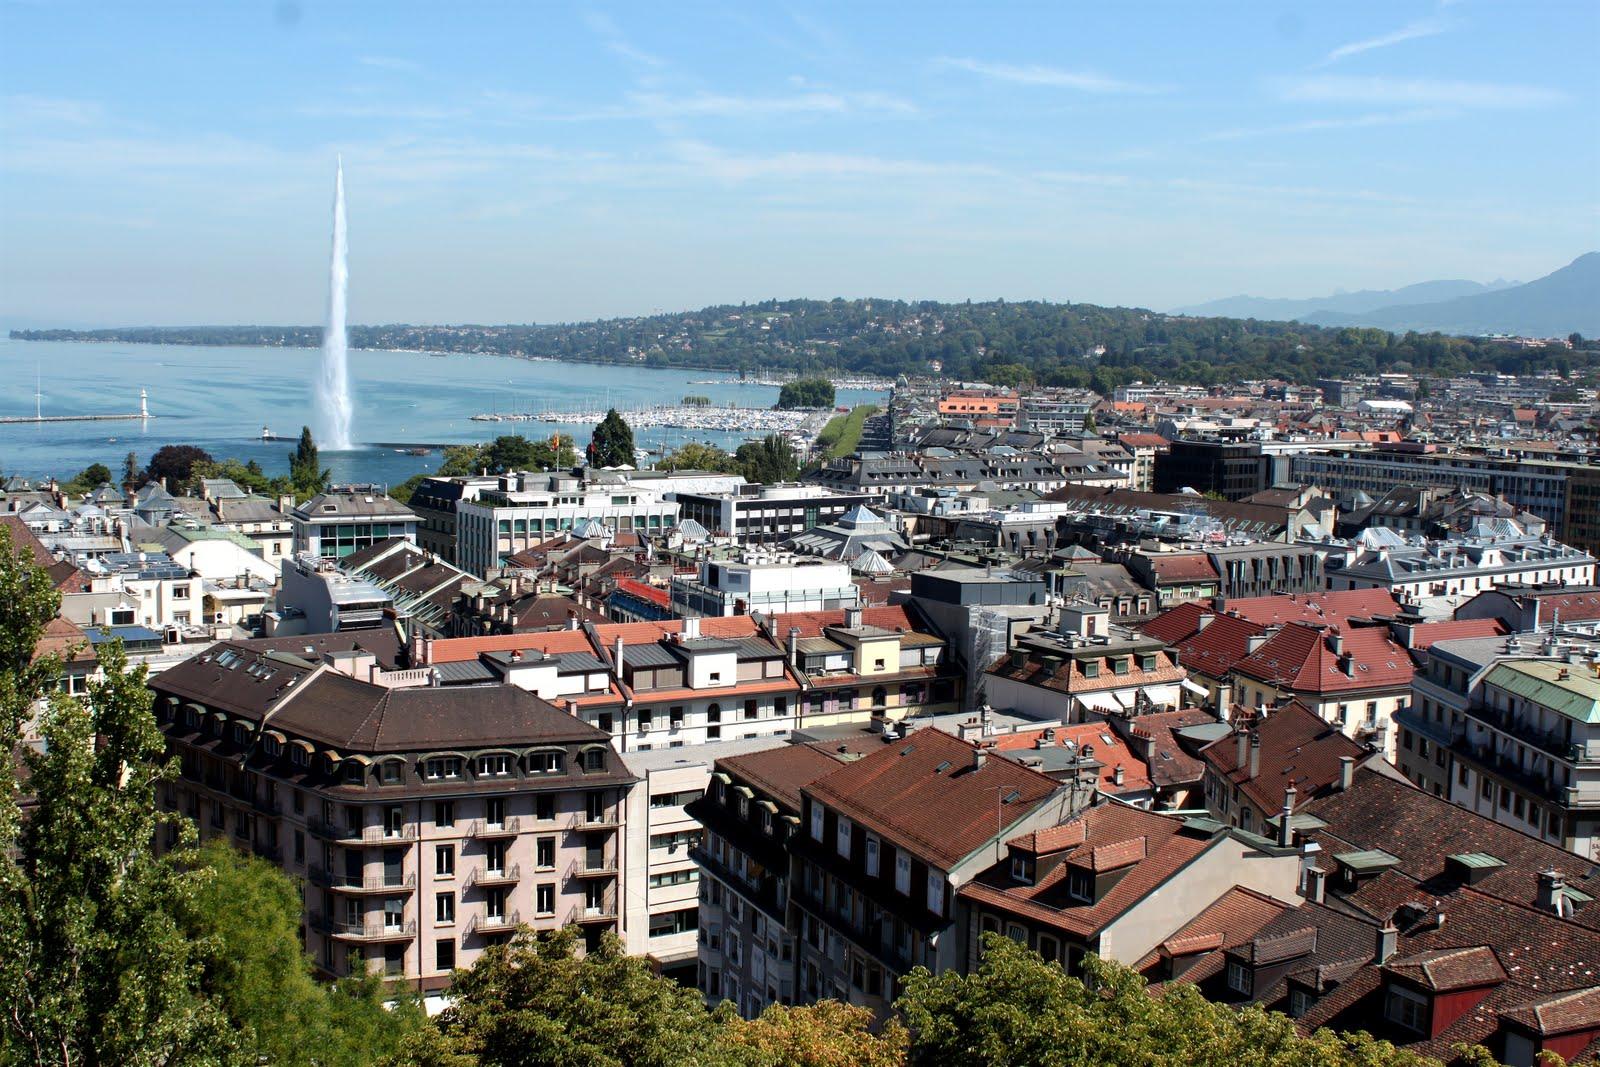 В следующем списке вы найдете профессиональных устных и письменных переводчиков швейцарии, осуществляющих переводы на со следующих языков: назад далее 1 2 3 … 9.